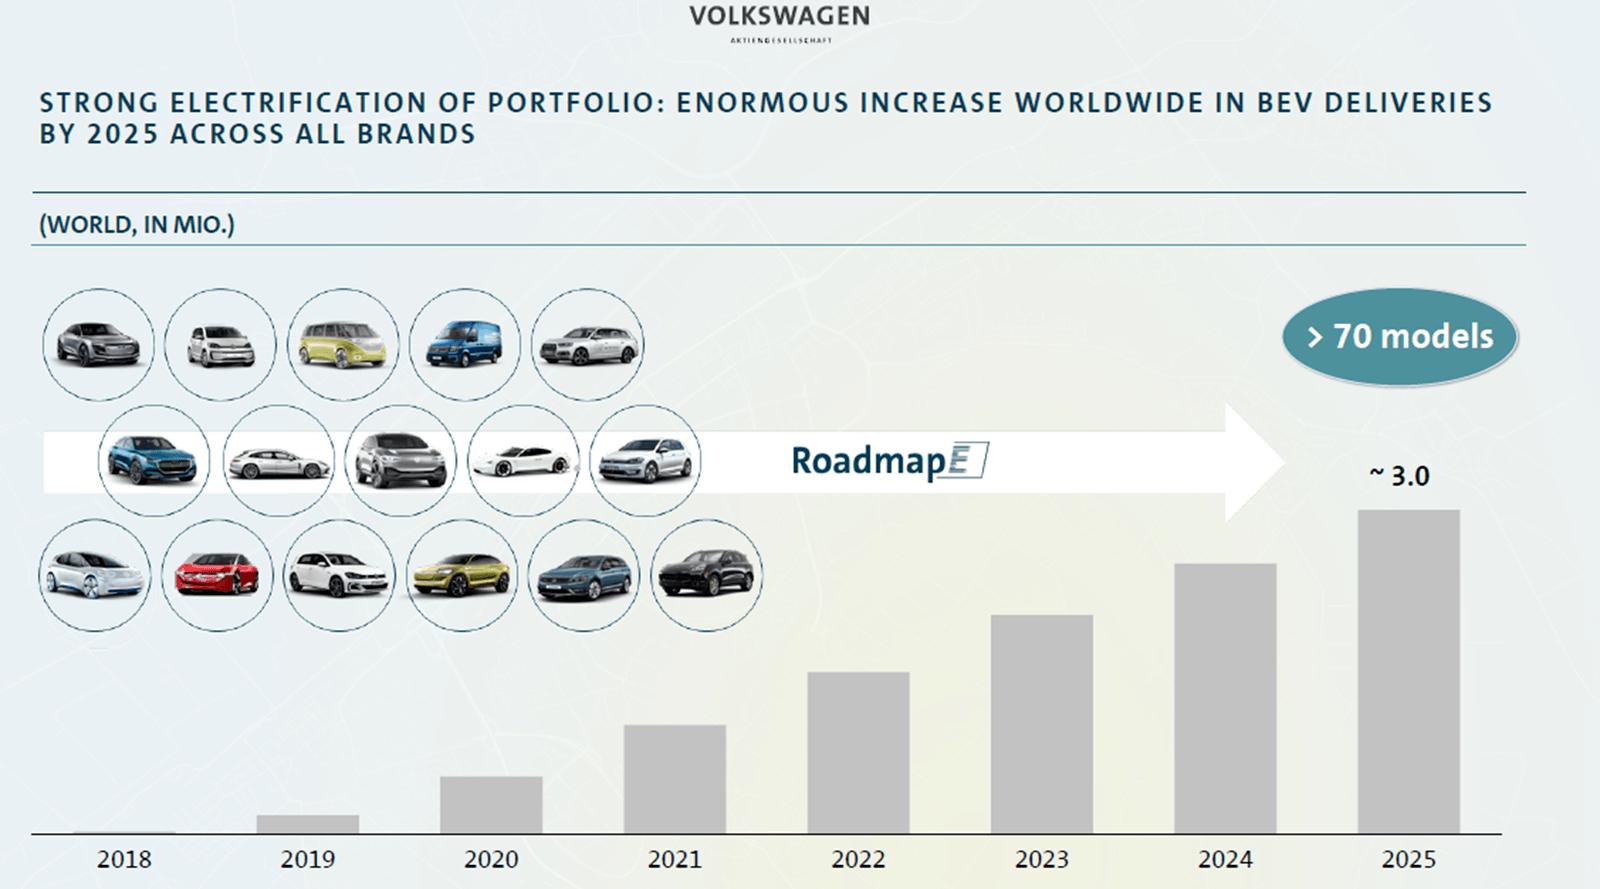 Aumann AG - eine ausführliche Unternehmensanalyse: Prognose der Entwicklung der Anzahl von Autos mit Elektromotor und Anzahl Modelle bei Volkswagen | LYNX Online Broker